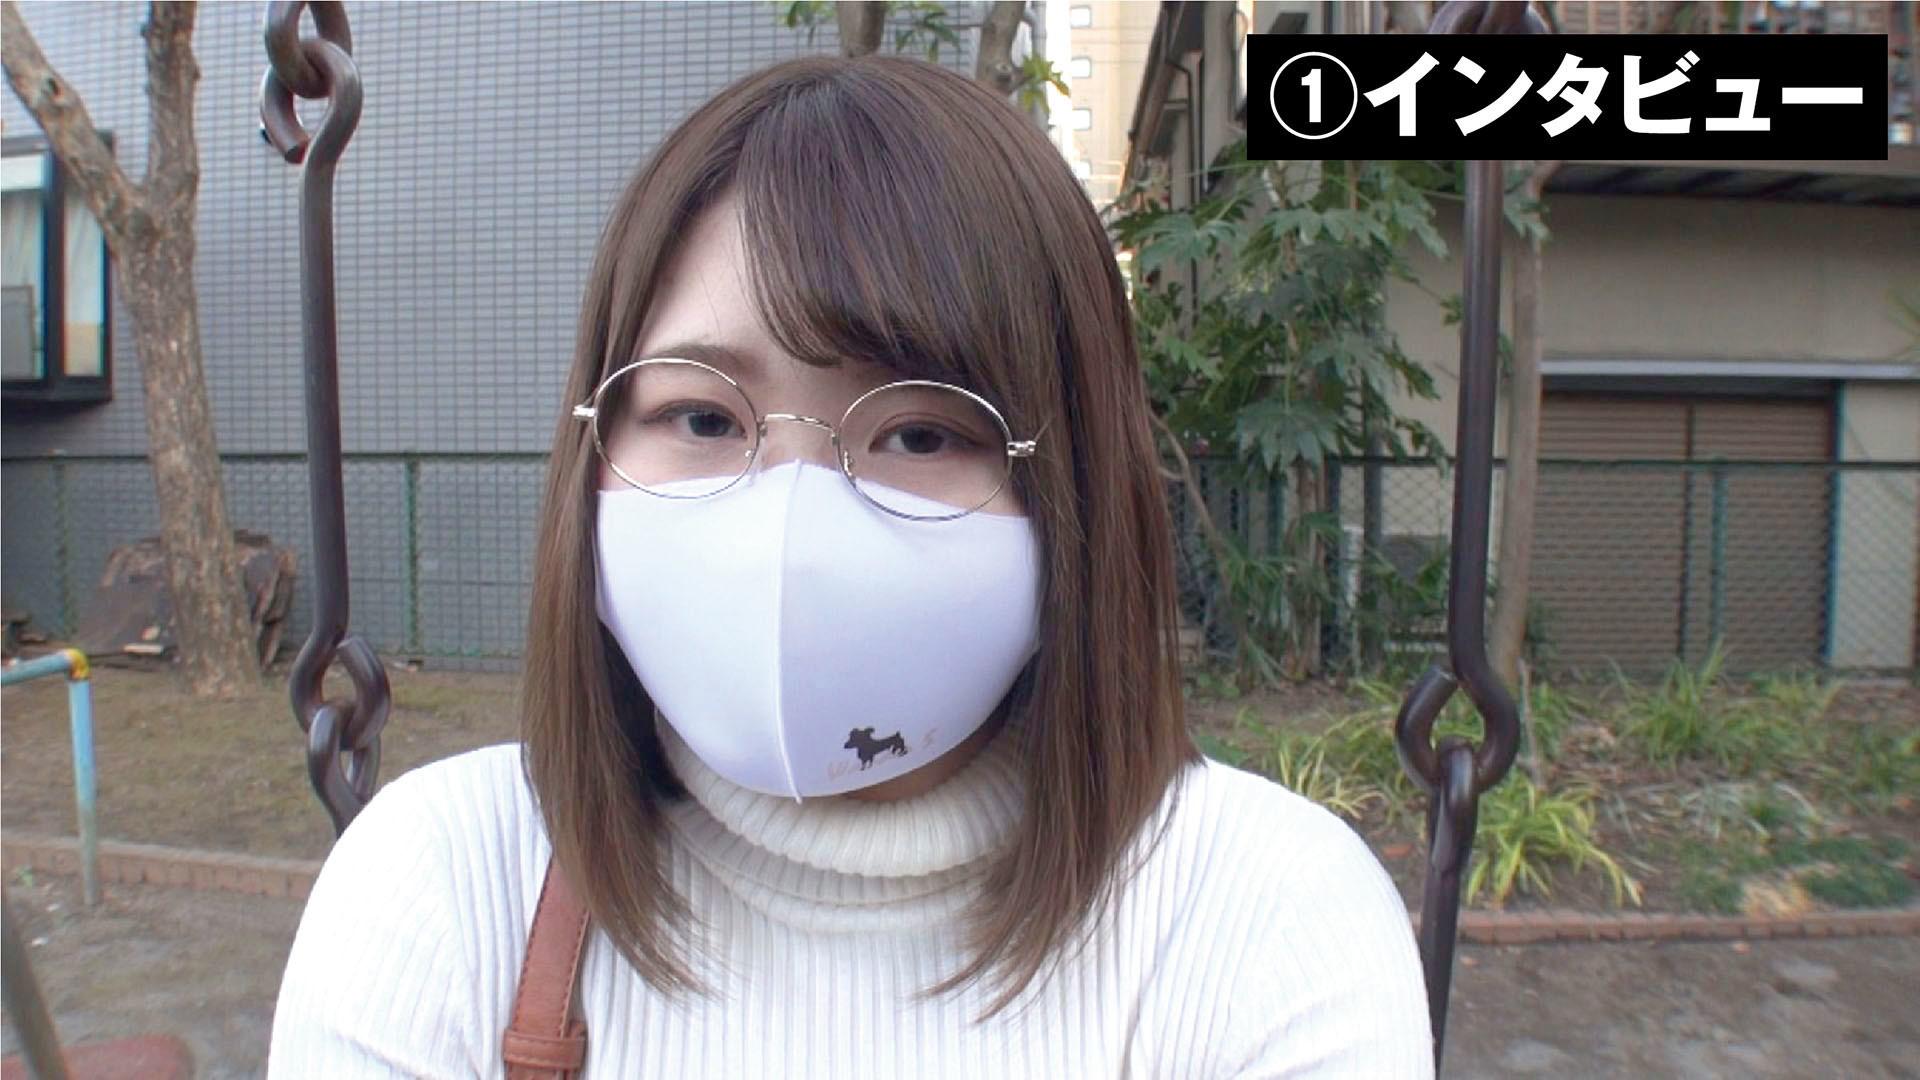 鳥取から上京した地味芋デカ乳女子まり 大学入学日にAVデビュー 画像1